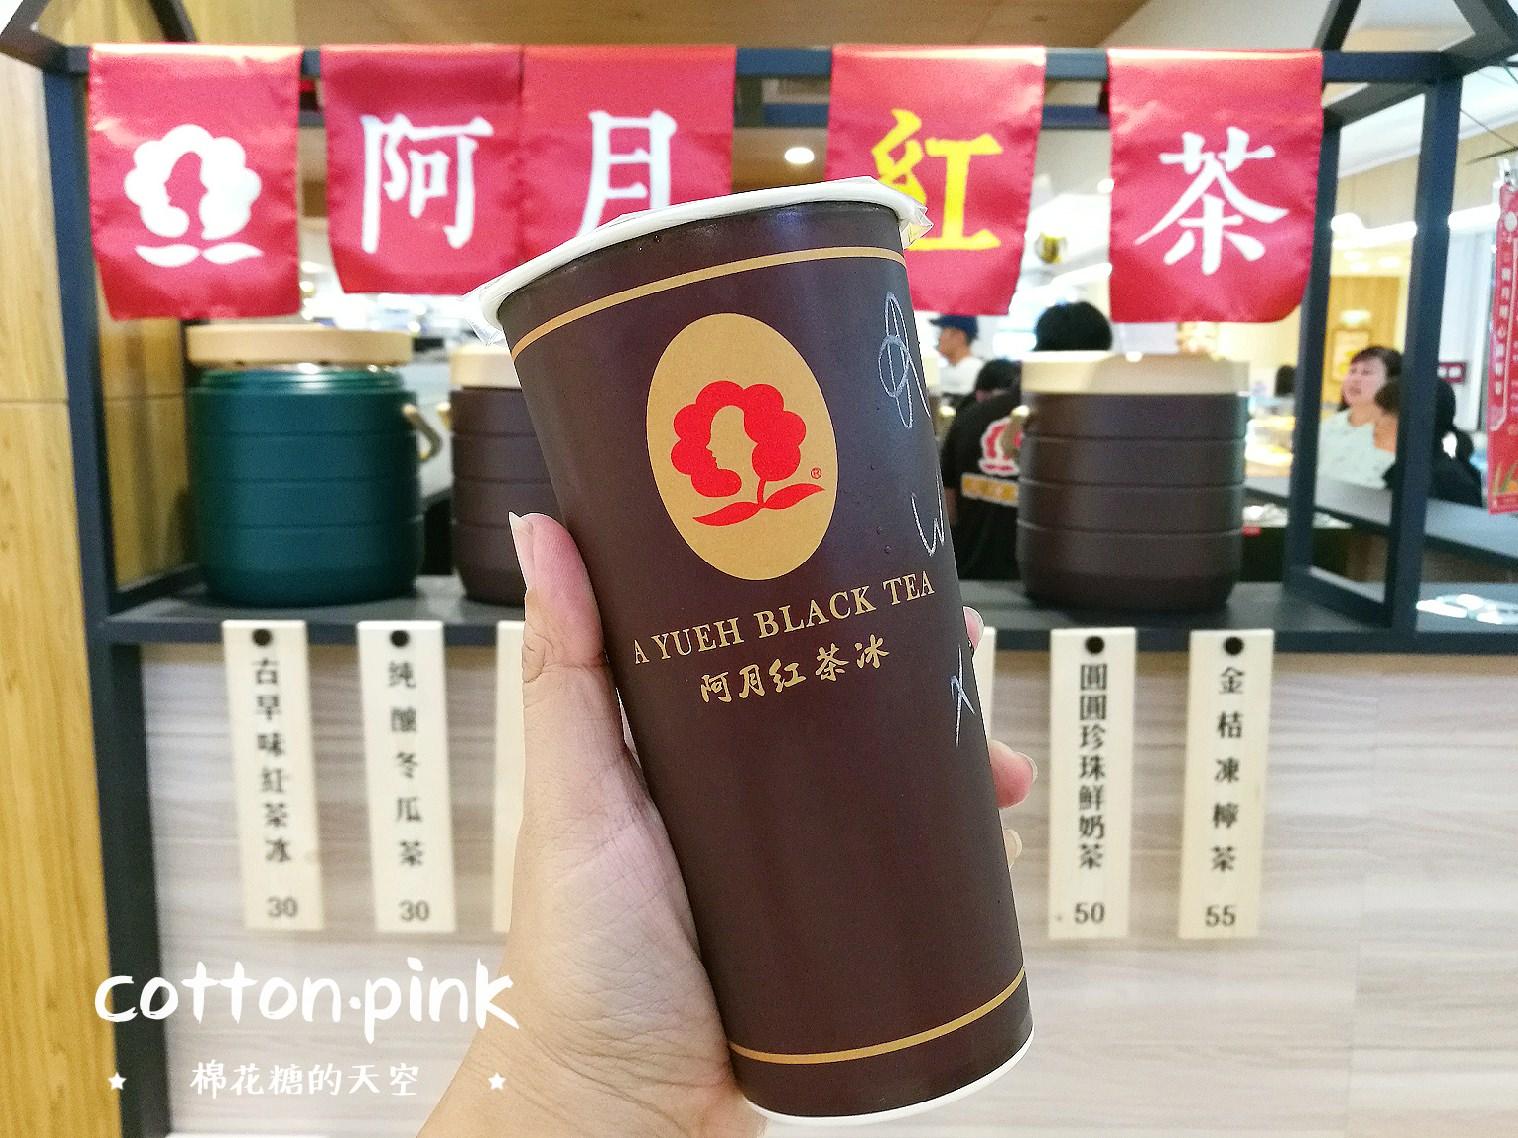 20181006213237 8 - 一中必喝阿月紅茶冰進軍中友百貨!